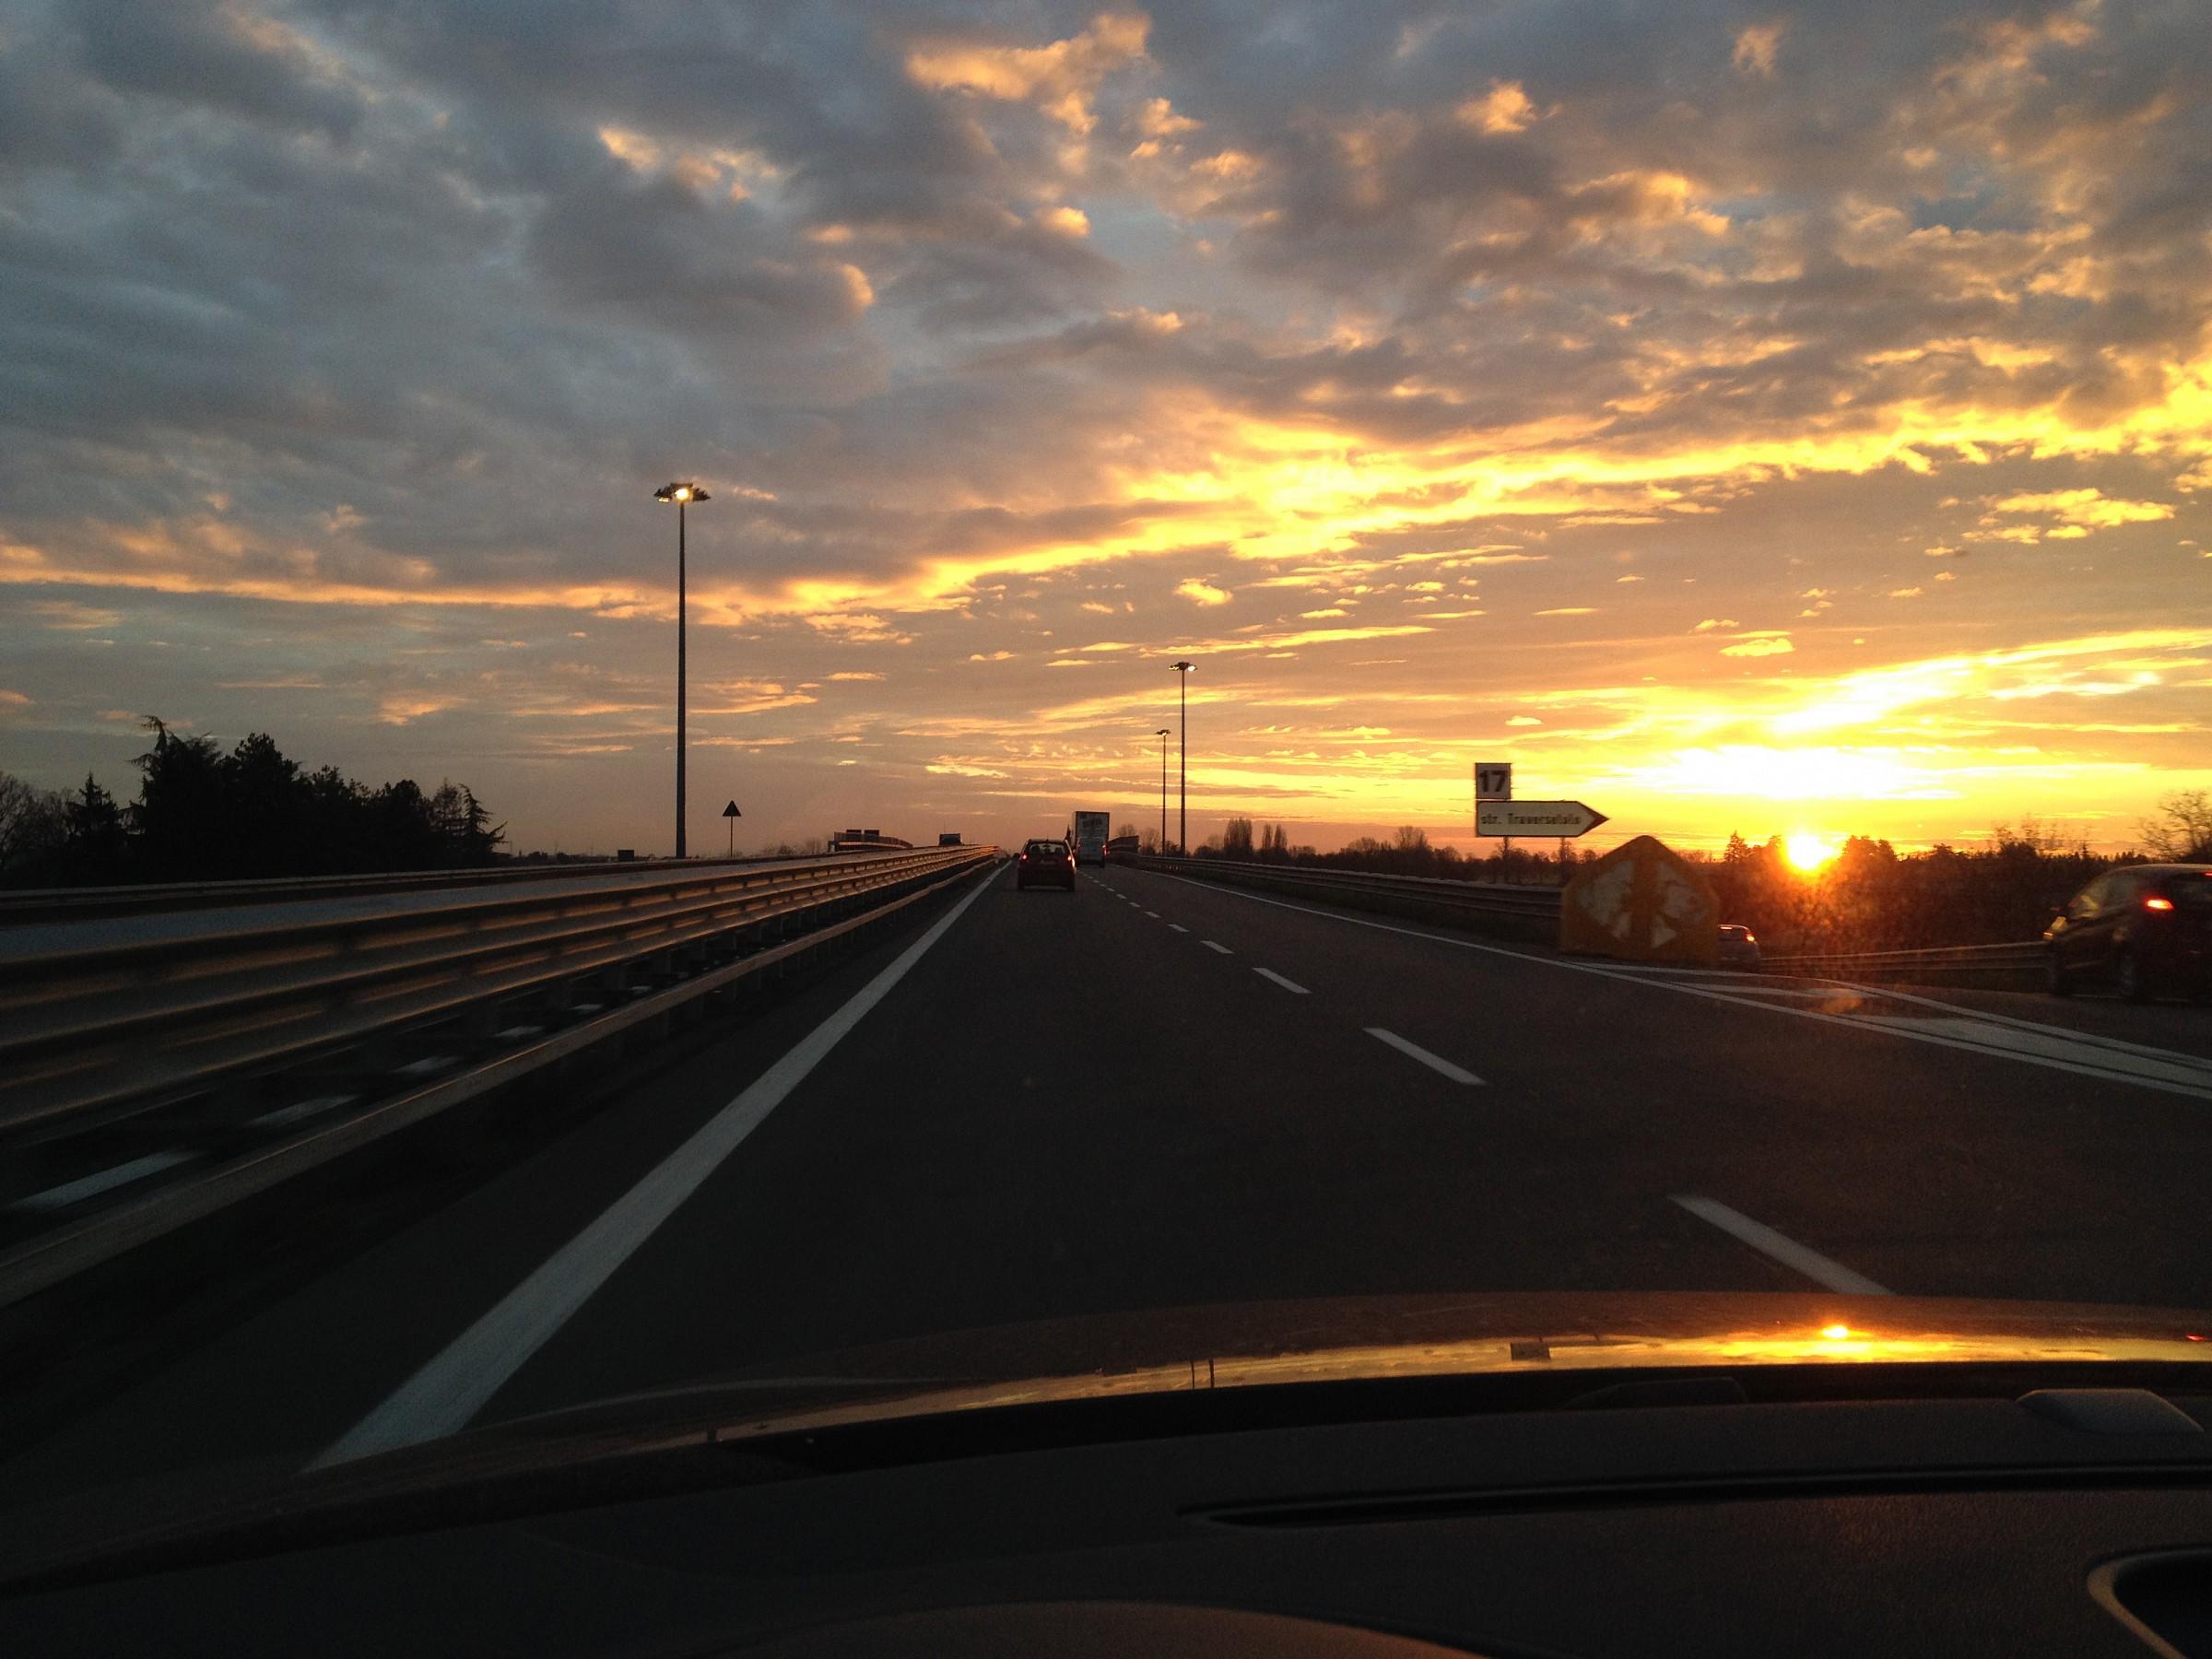 sunrise in tangential...